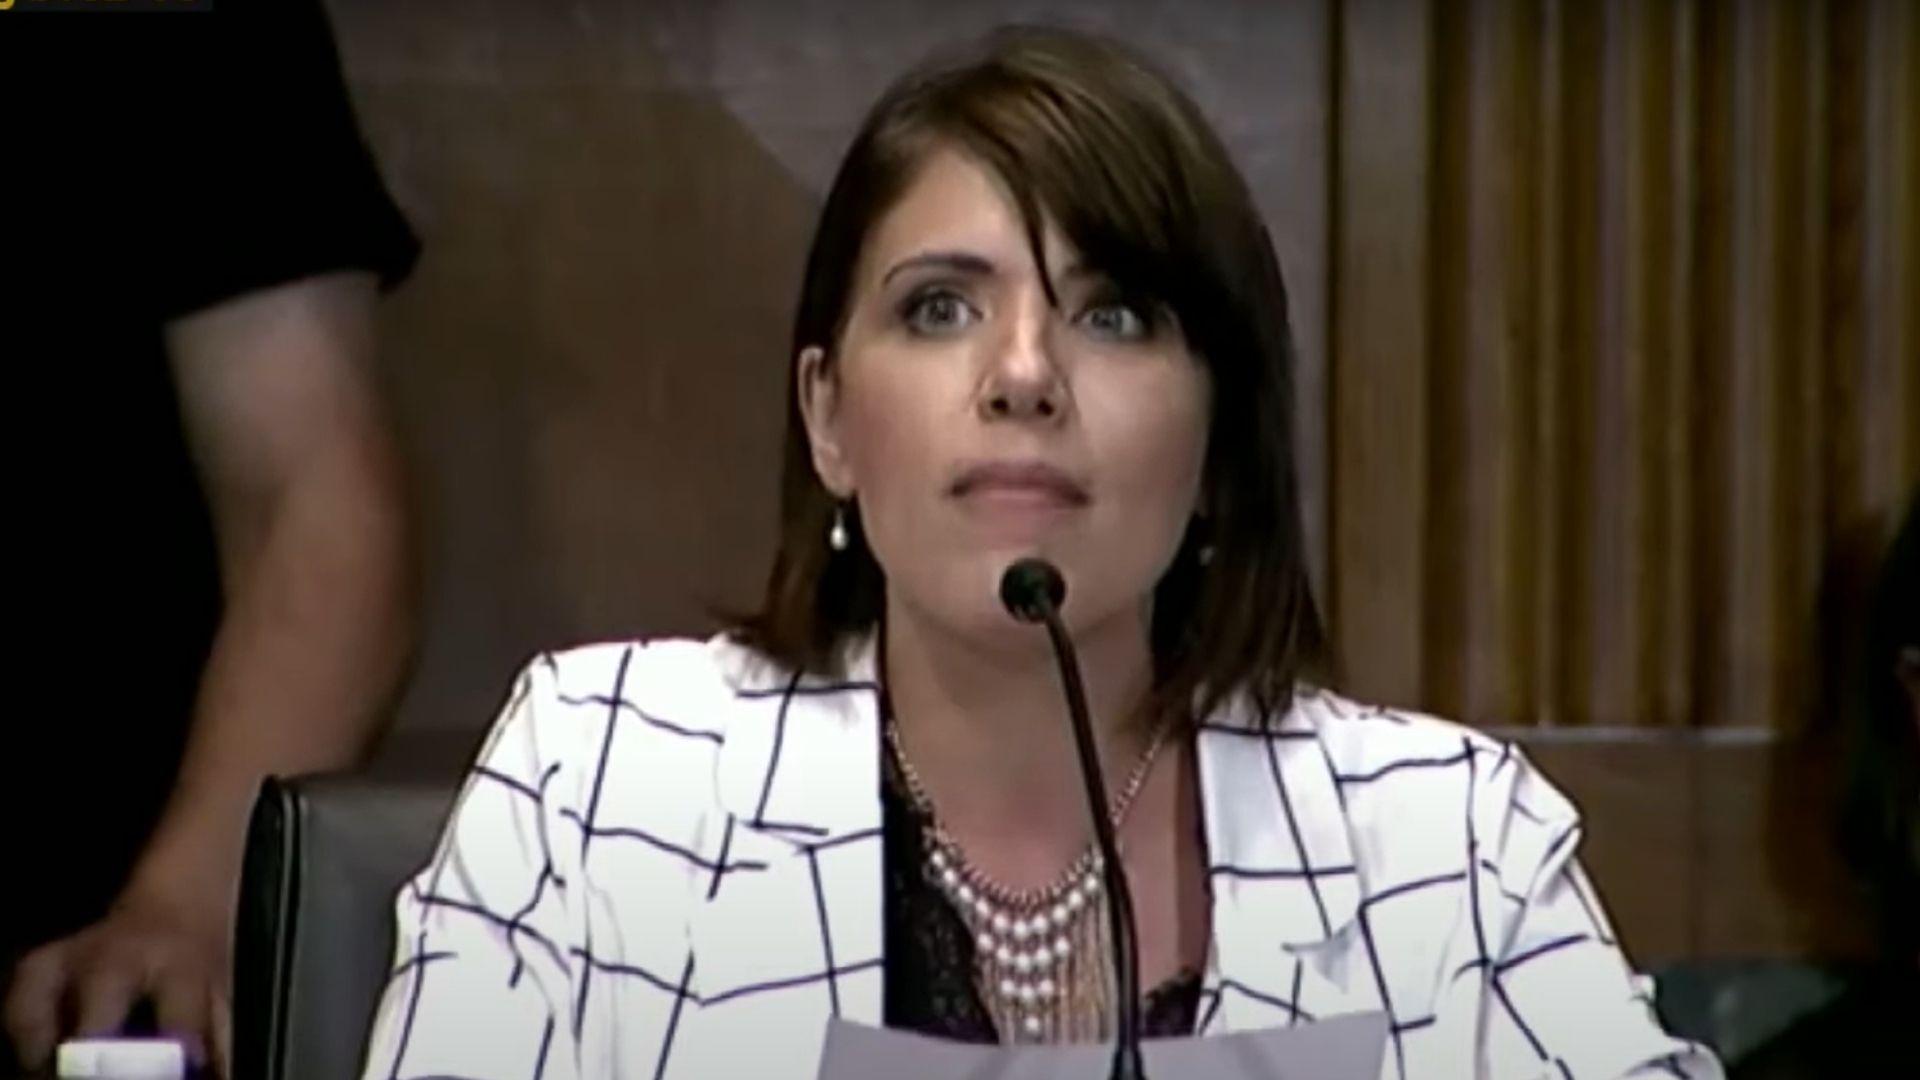 """Sobrevivente de aborto testemunha no Congresso dos EUA: """"Quando começam meus direitos?"""""""